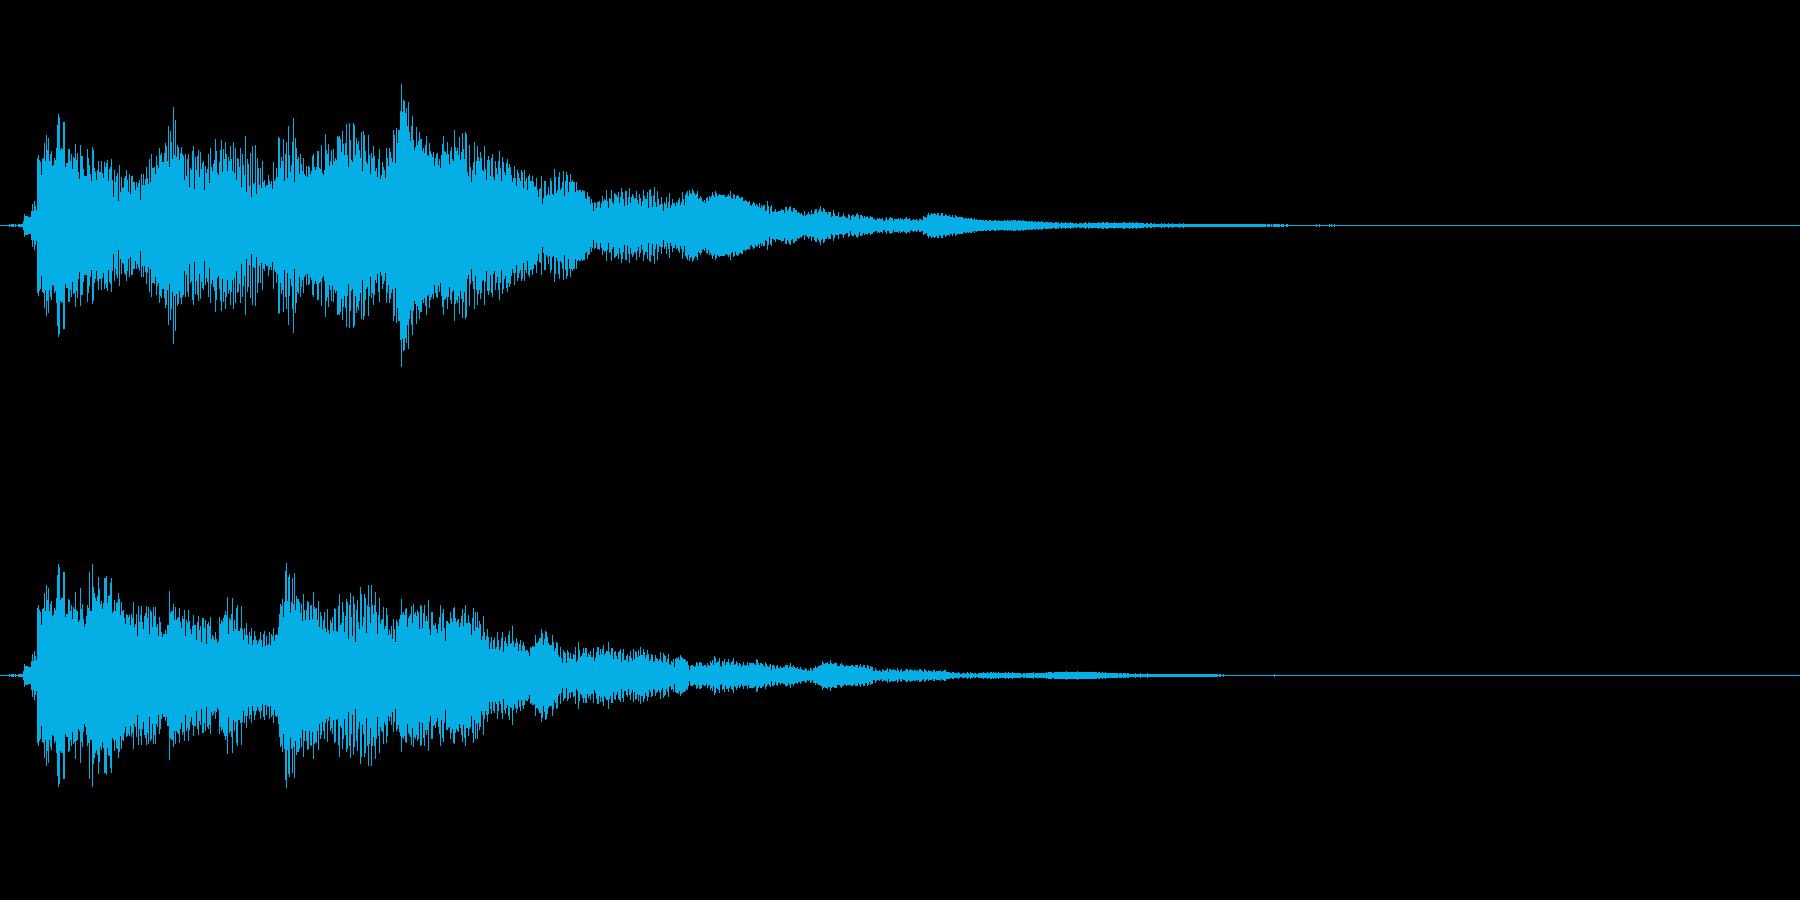 クリアーで爽やかなギターサウンドロゴの再生済みの波形